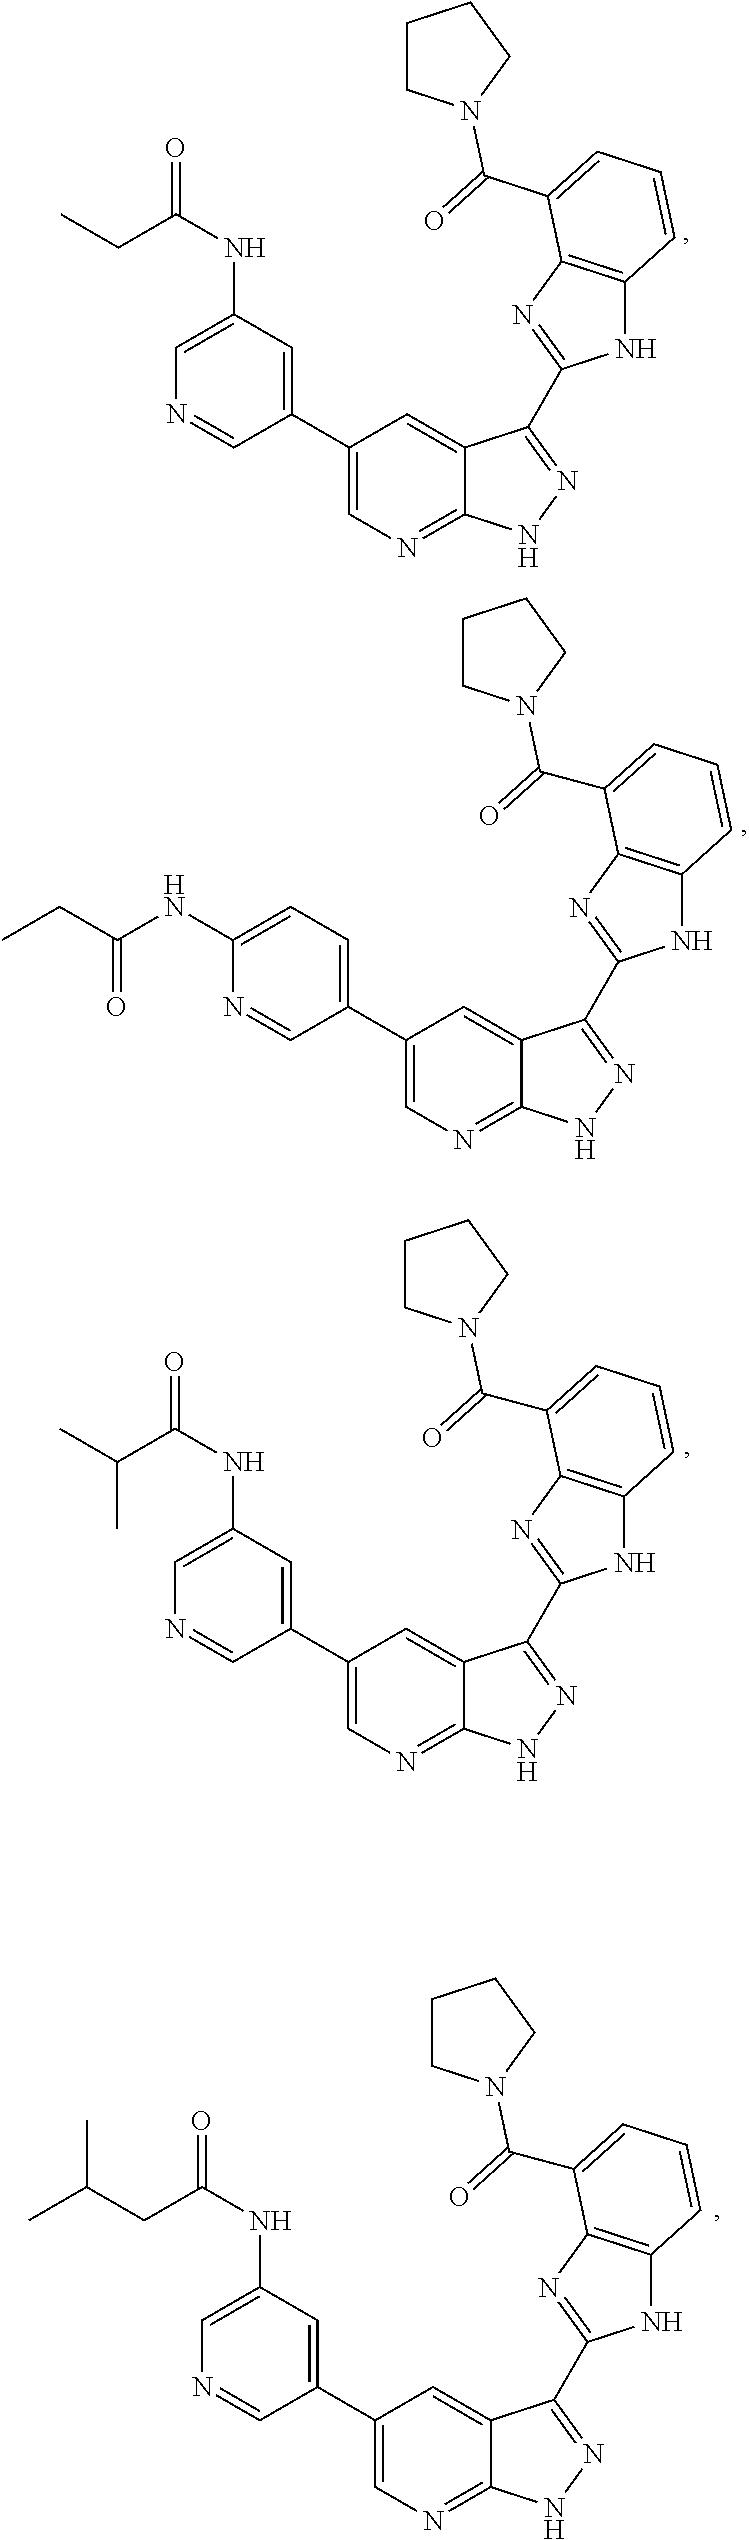 Figure US08618128-20131231-C00025